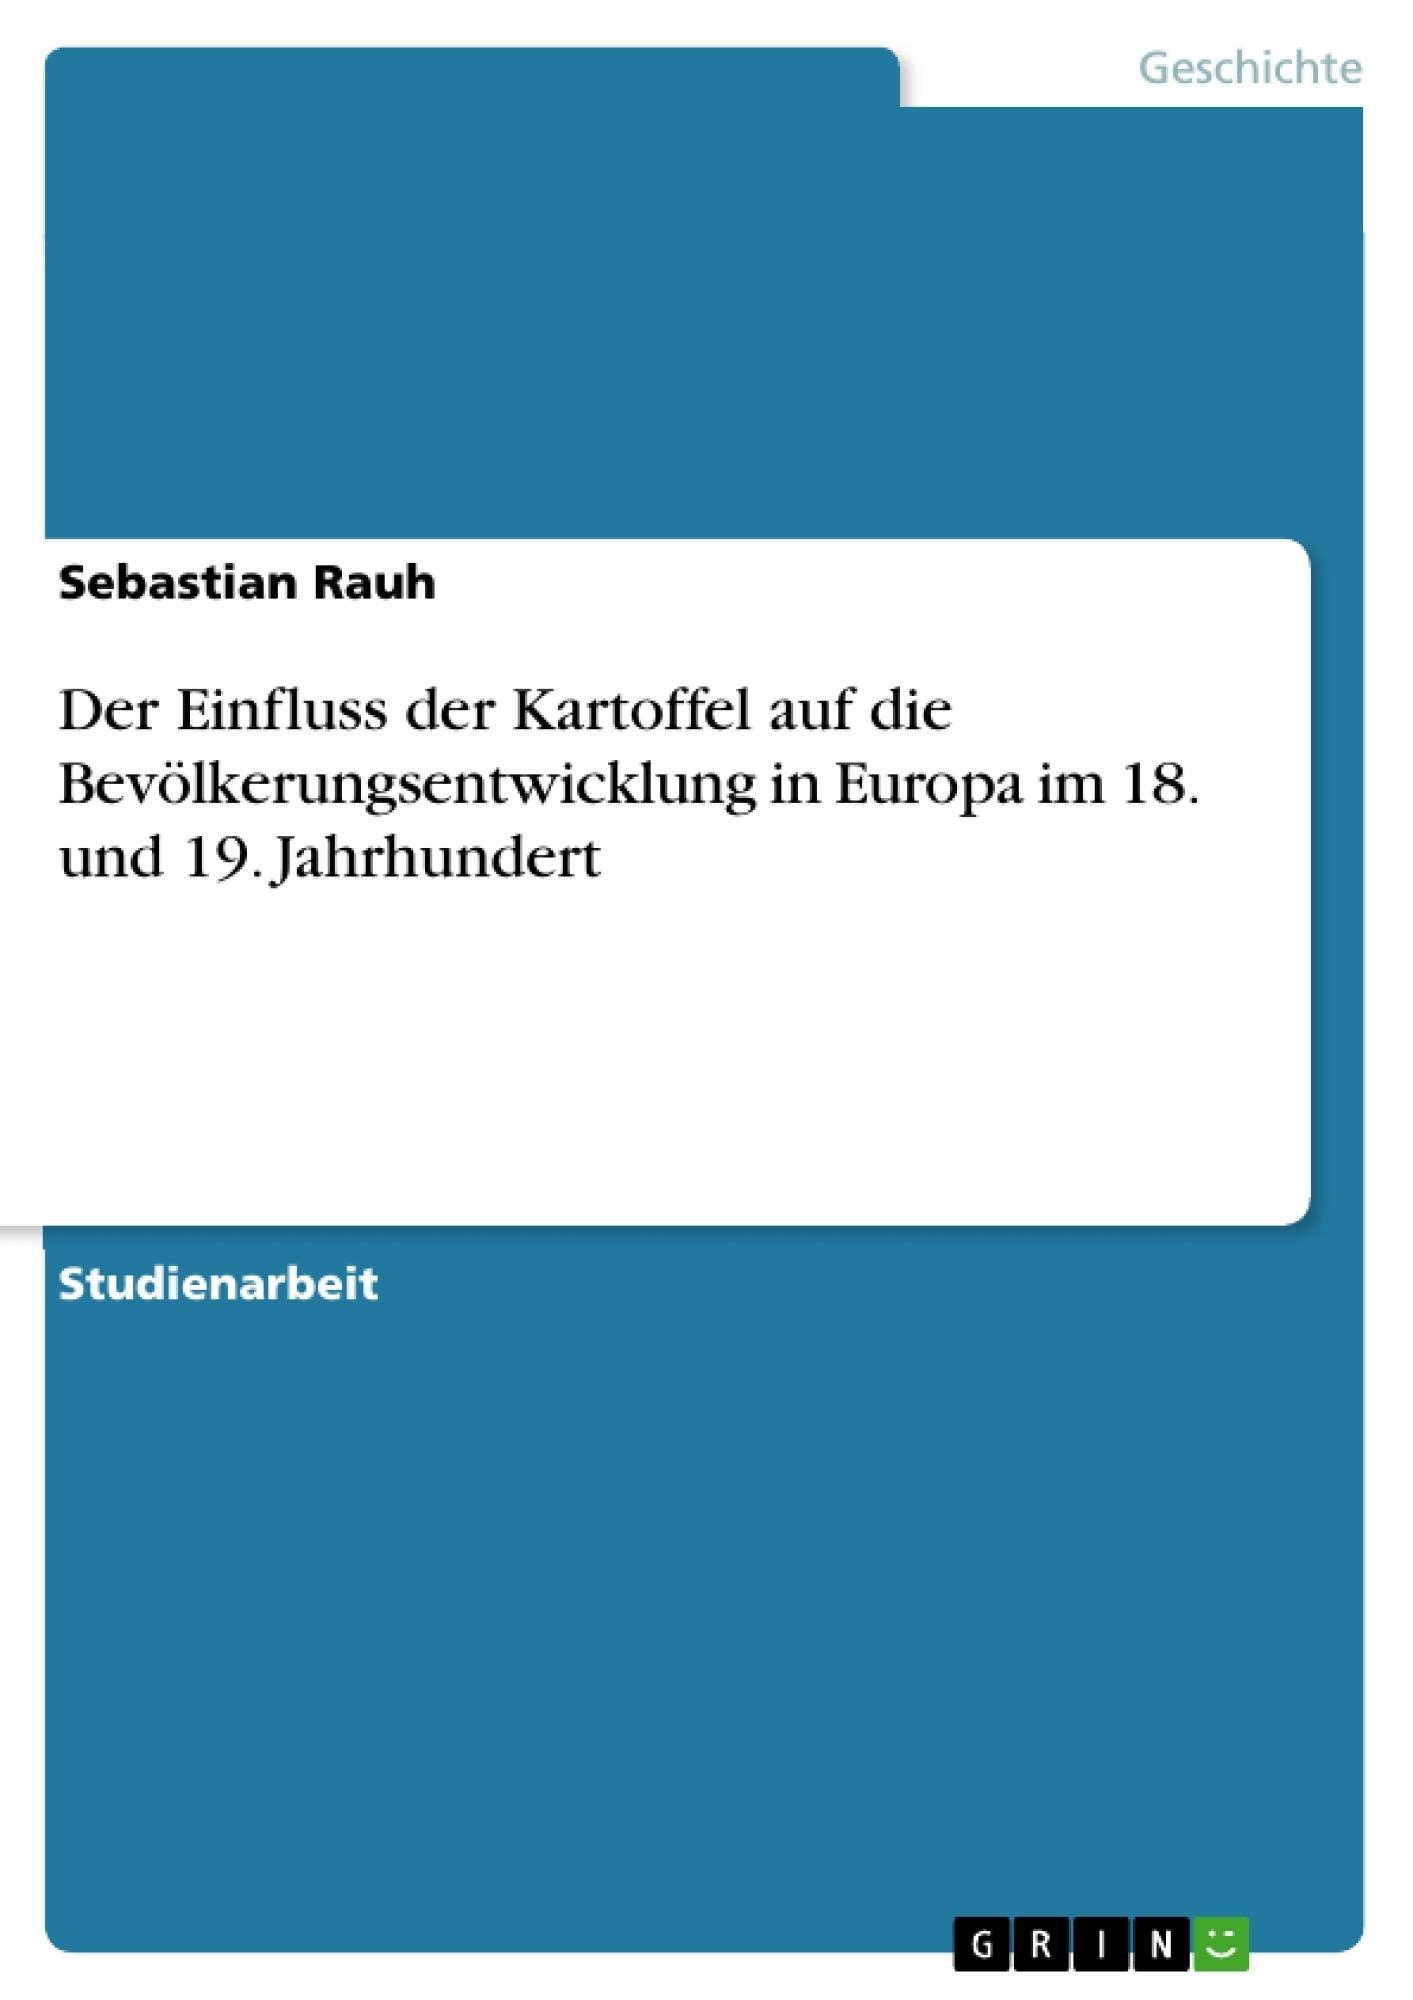 Titel: Der Einfluss der Kartoffel auf die Bevölkerungsentwicklung in Europa im 18. und 19. Jahrhundert